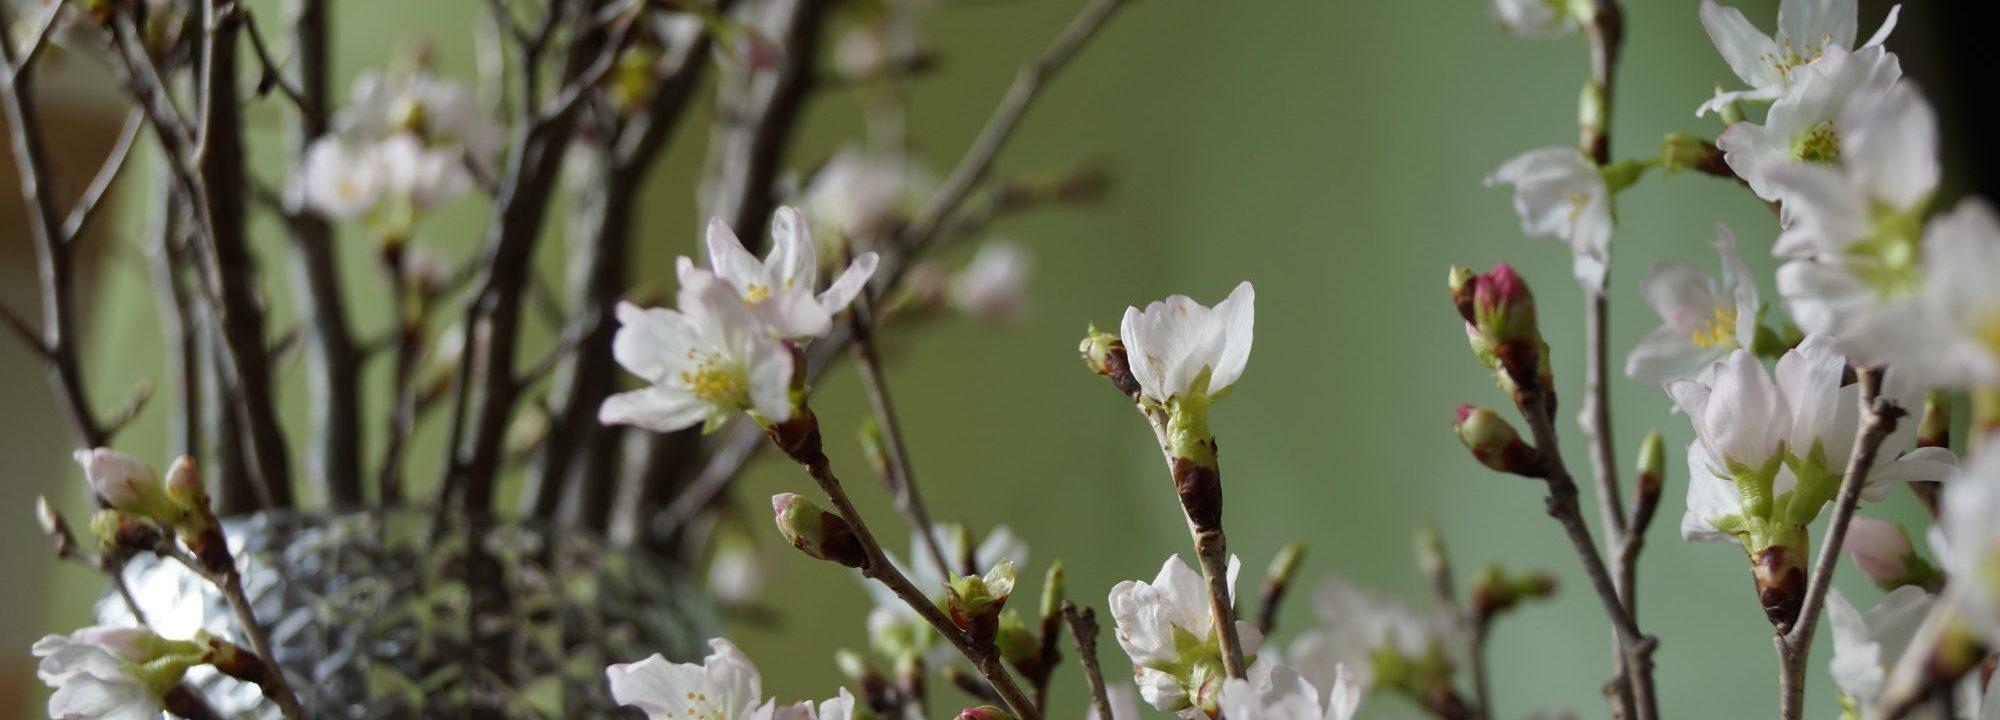 桜を使った活けこみやアレンジメント